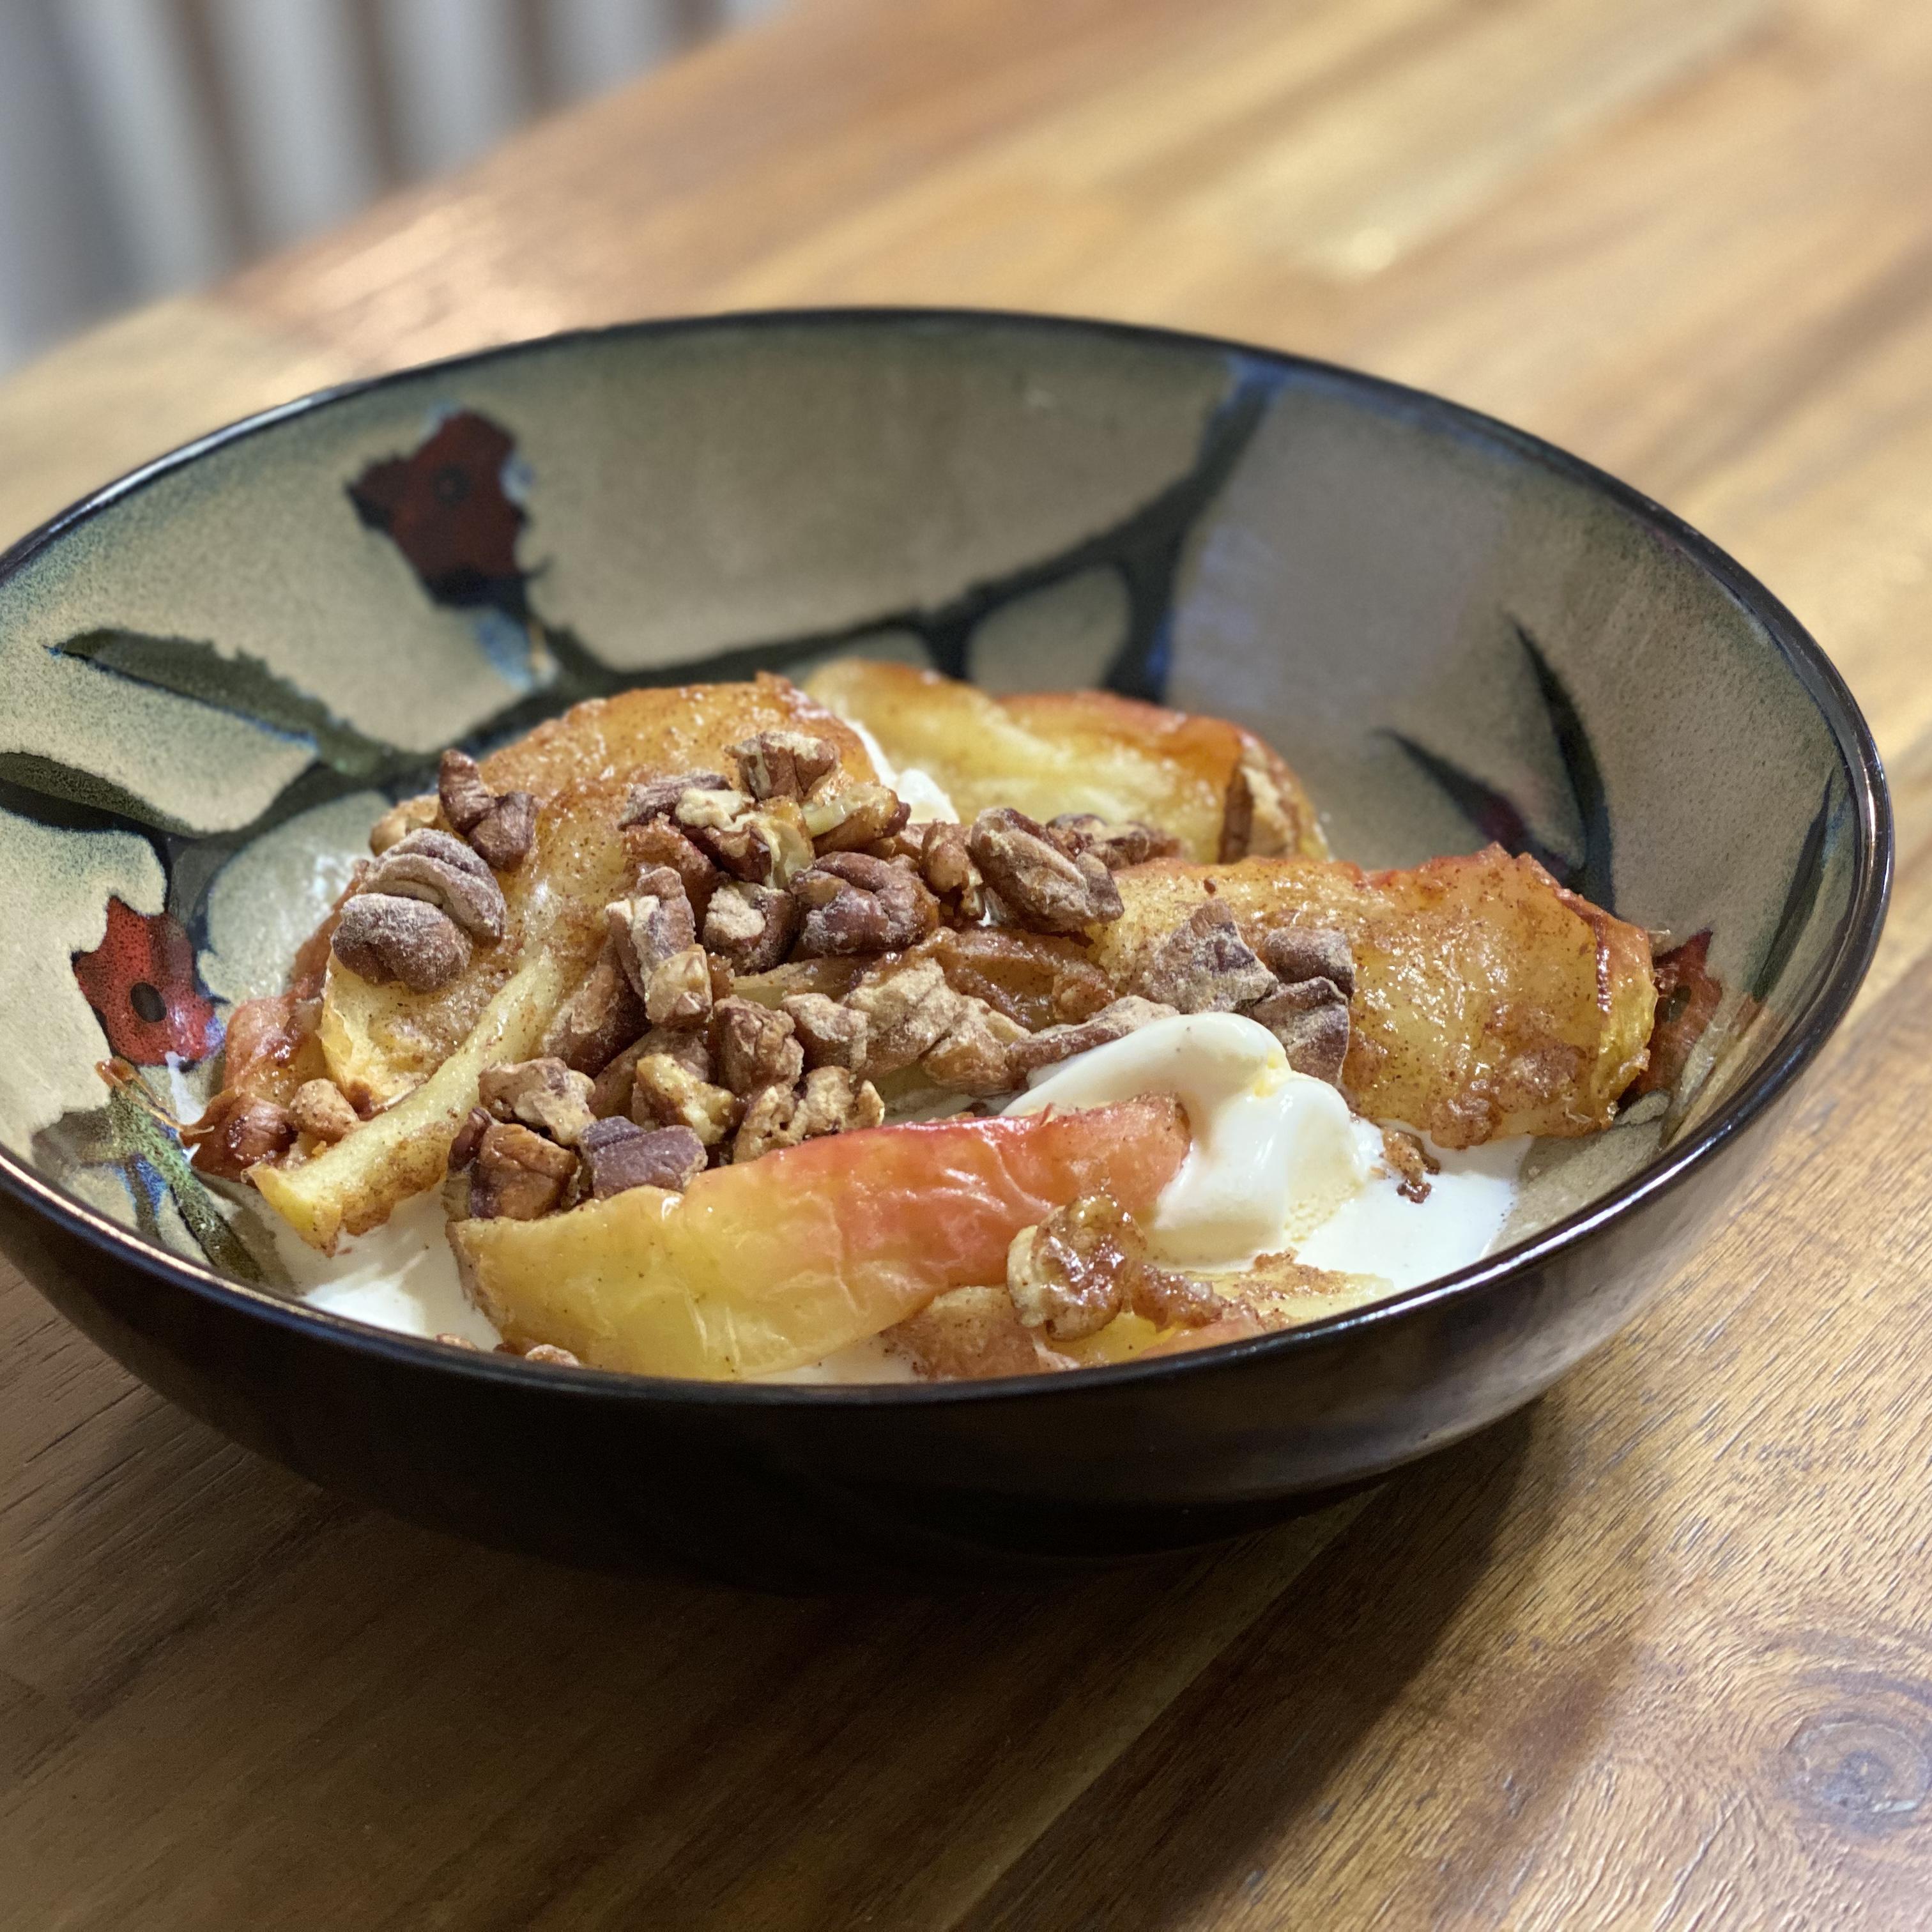 Air Fryer Brown Sugar and Pecan Roasted Apples image